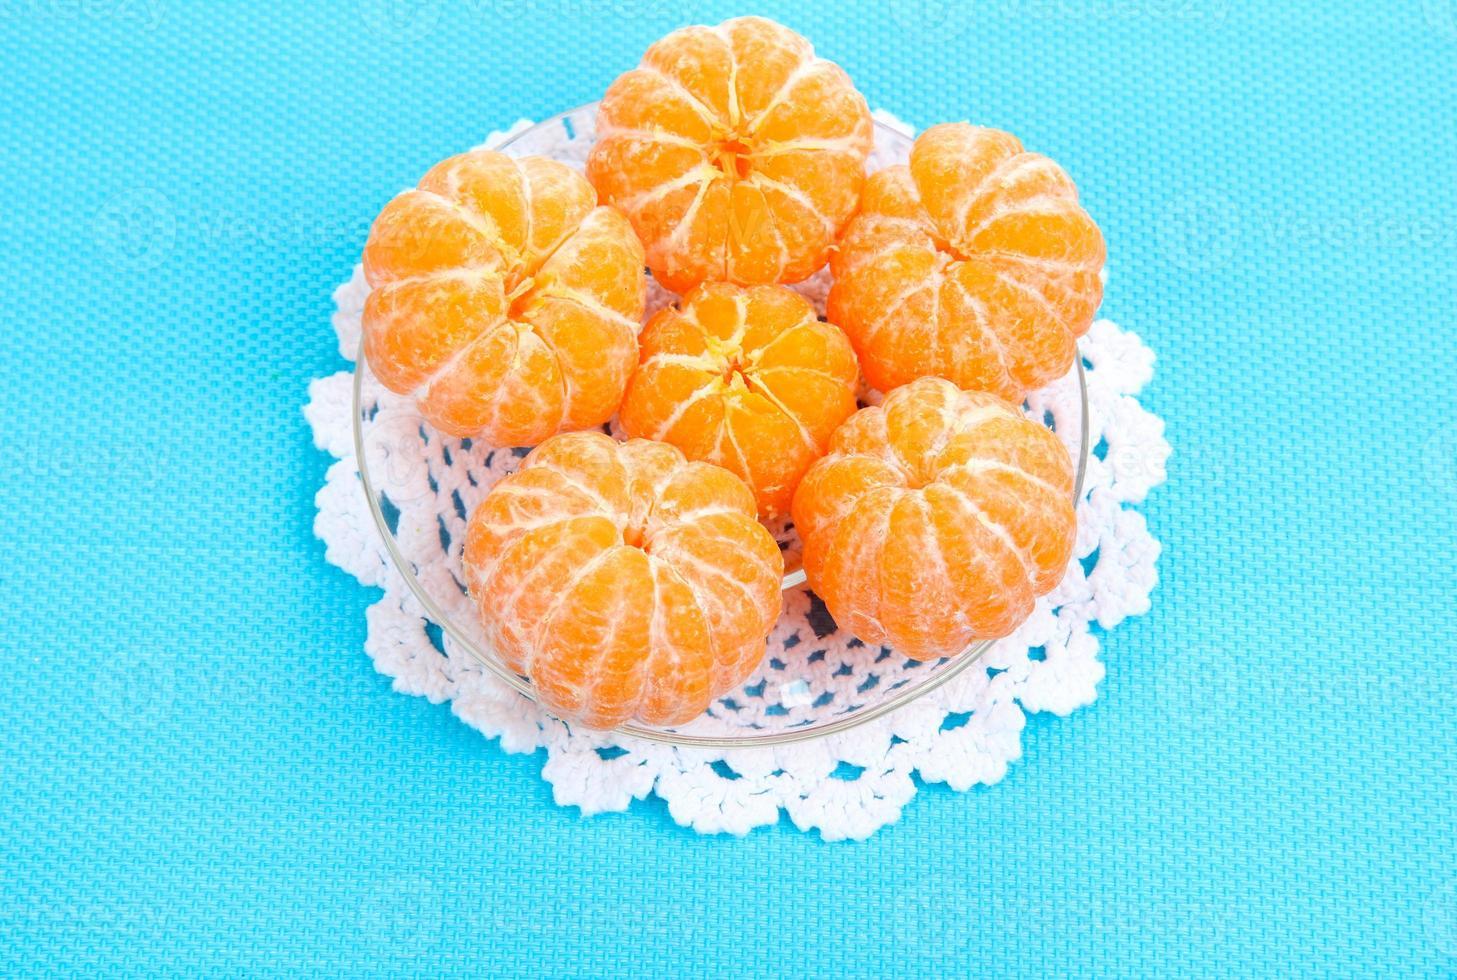 rijpe zoete mandarijnen, op kleur achtergrond foto